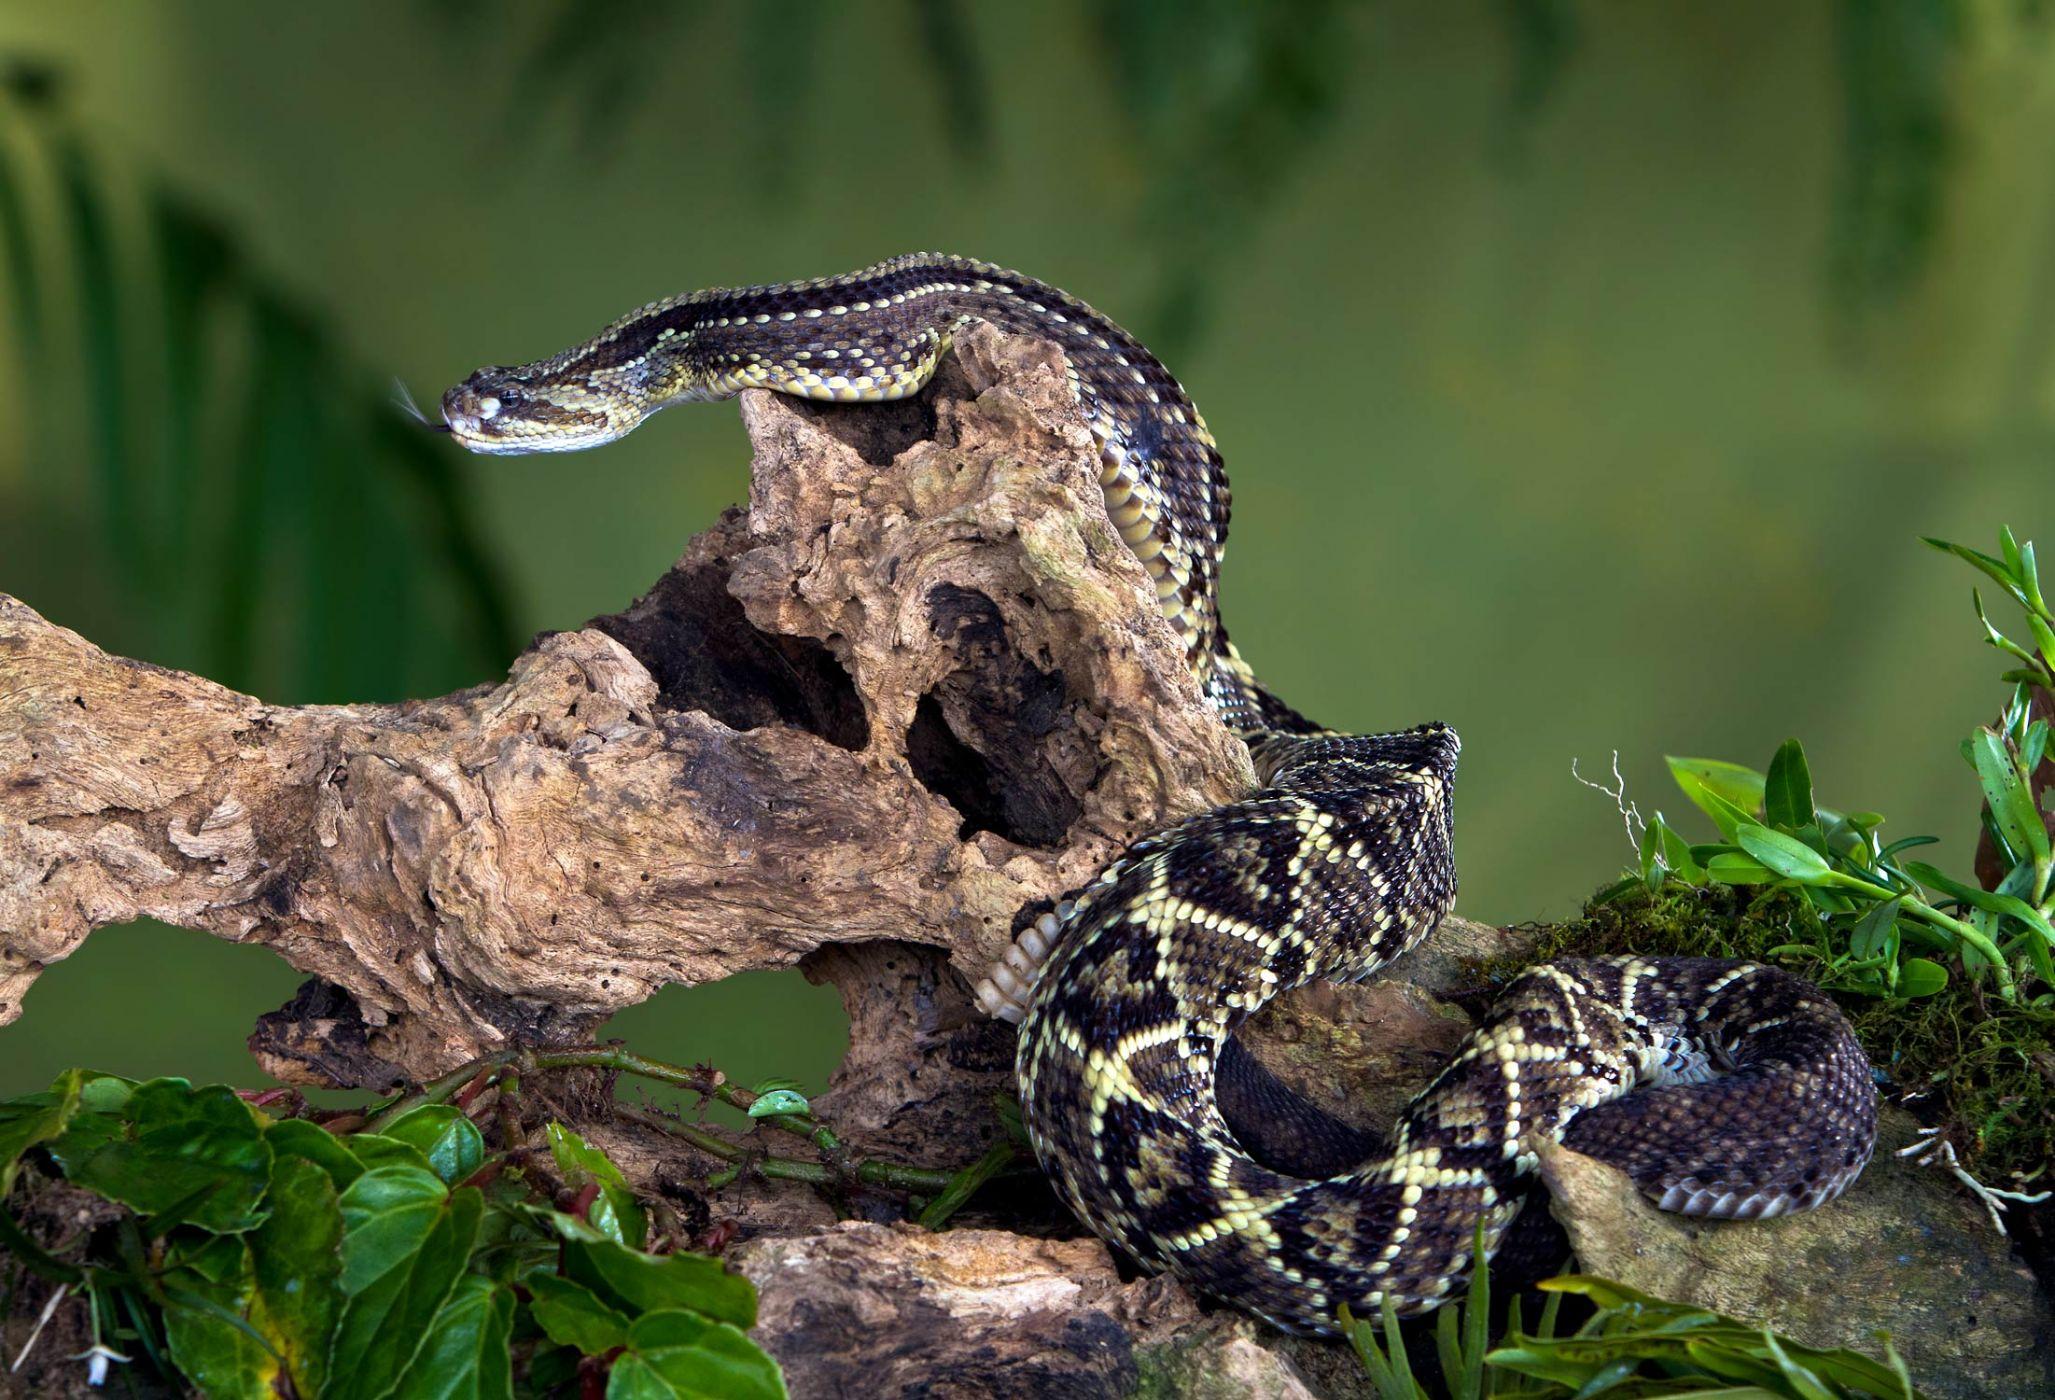 все животные мира фото змея был разбит